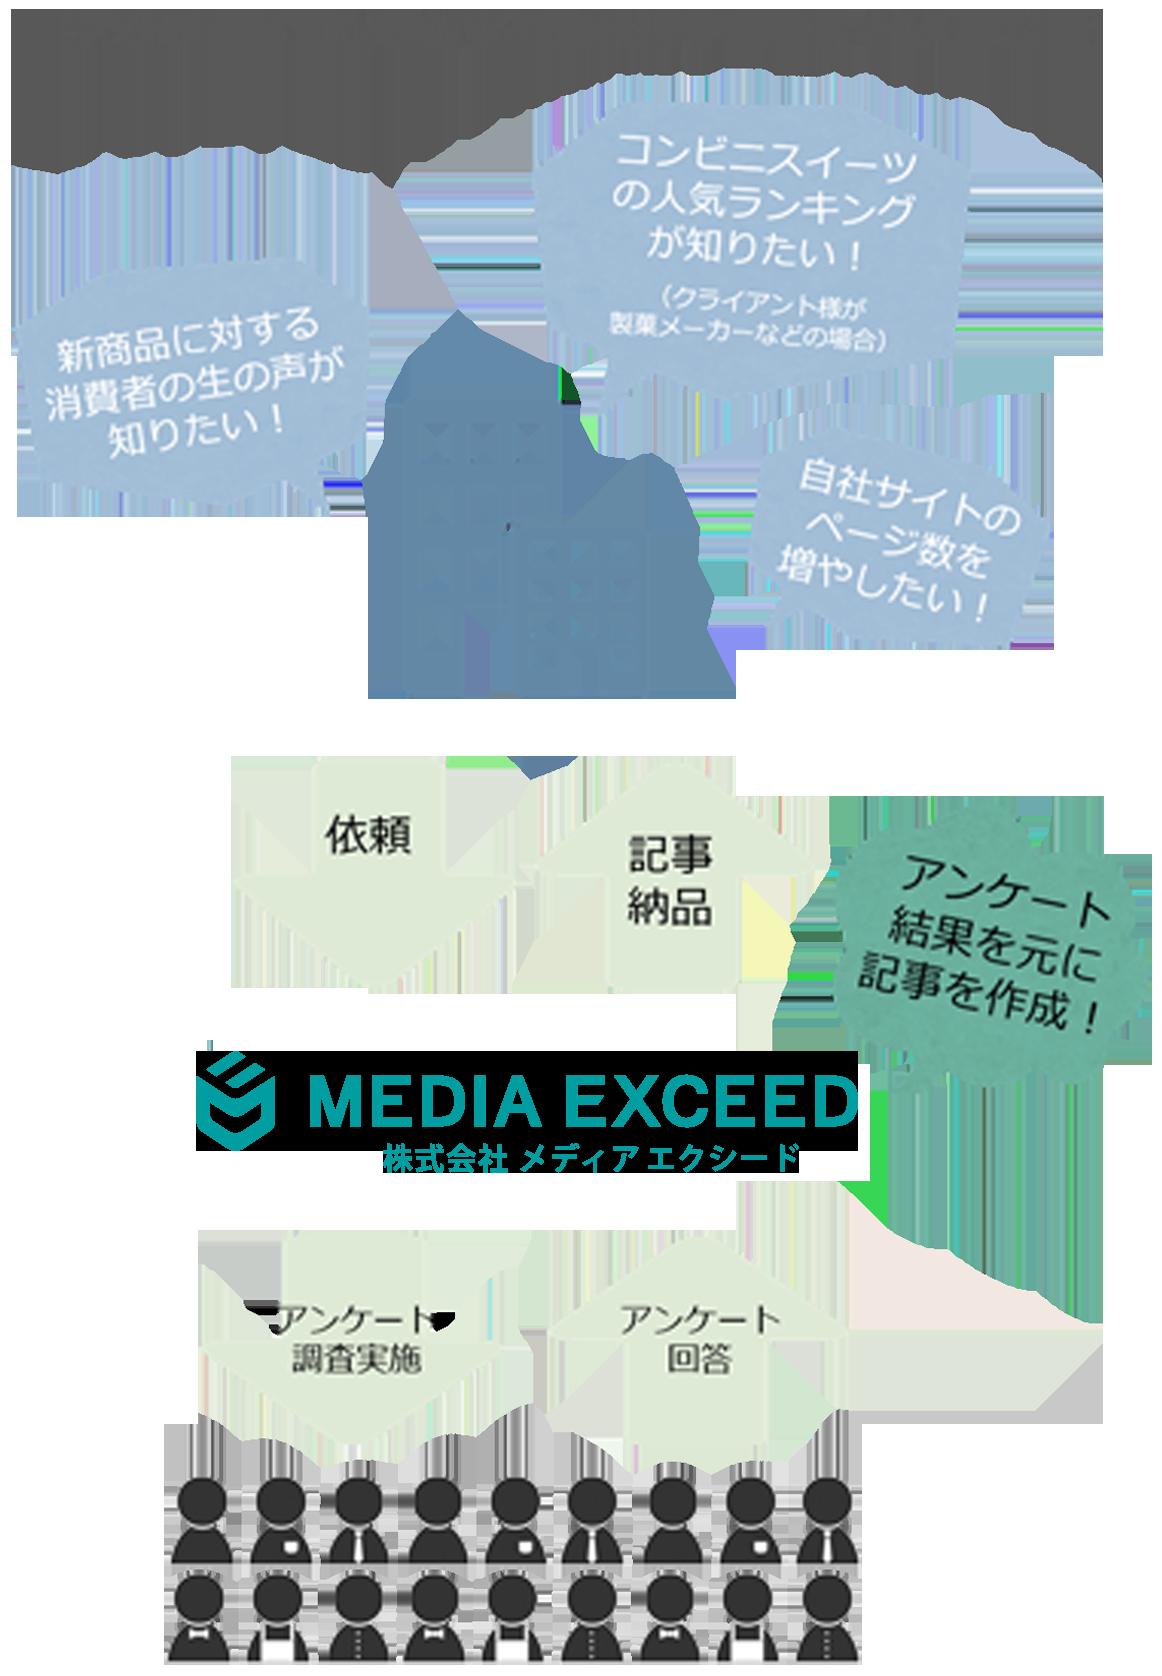 アンケートコンテンツ作成代行サービス イメージ図